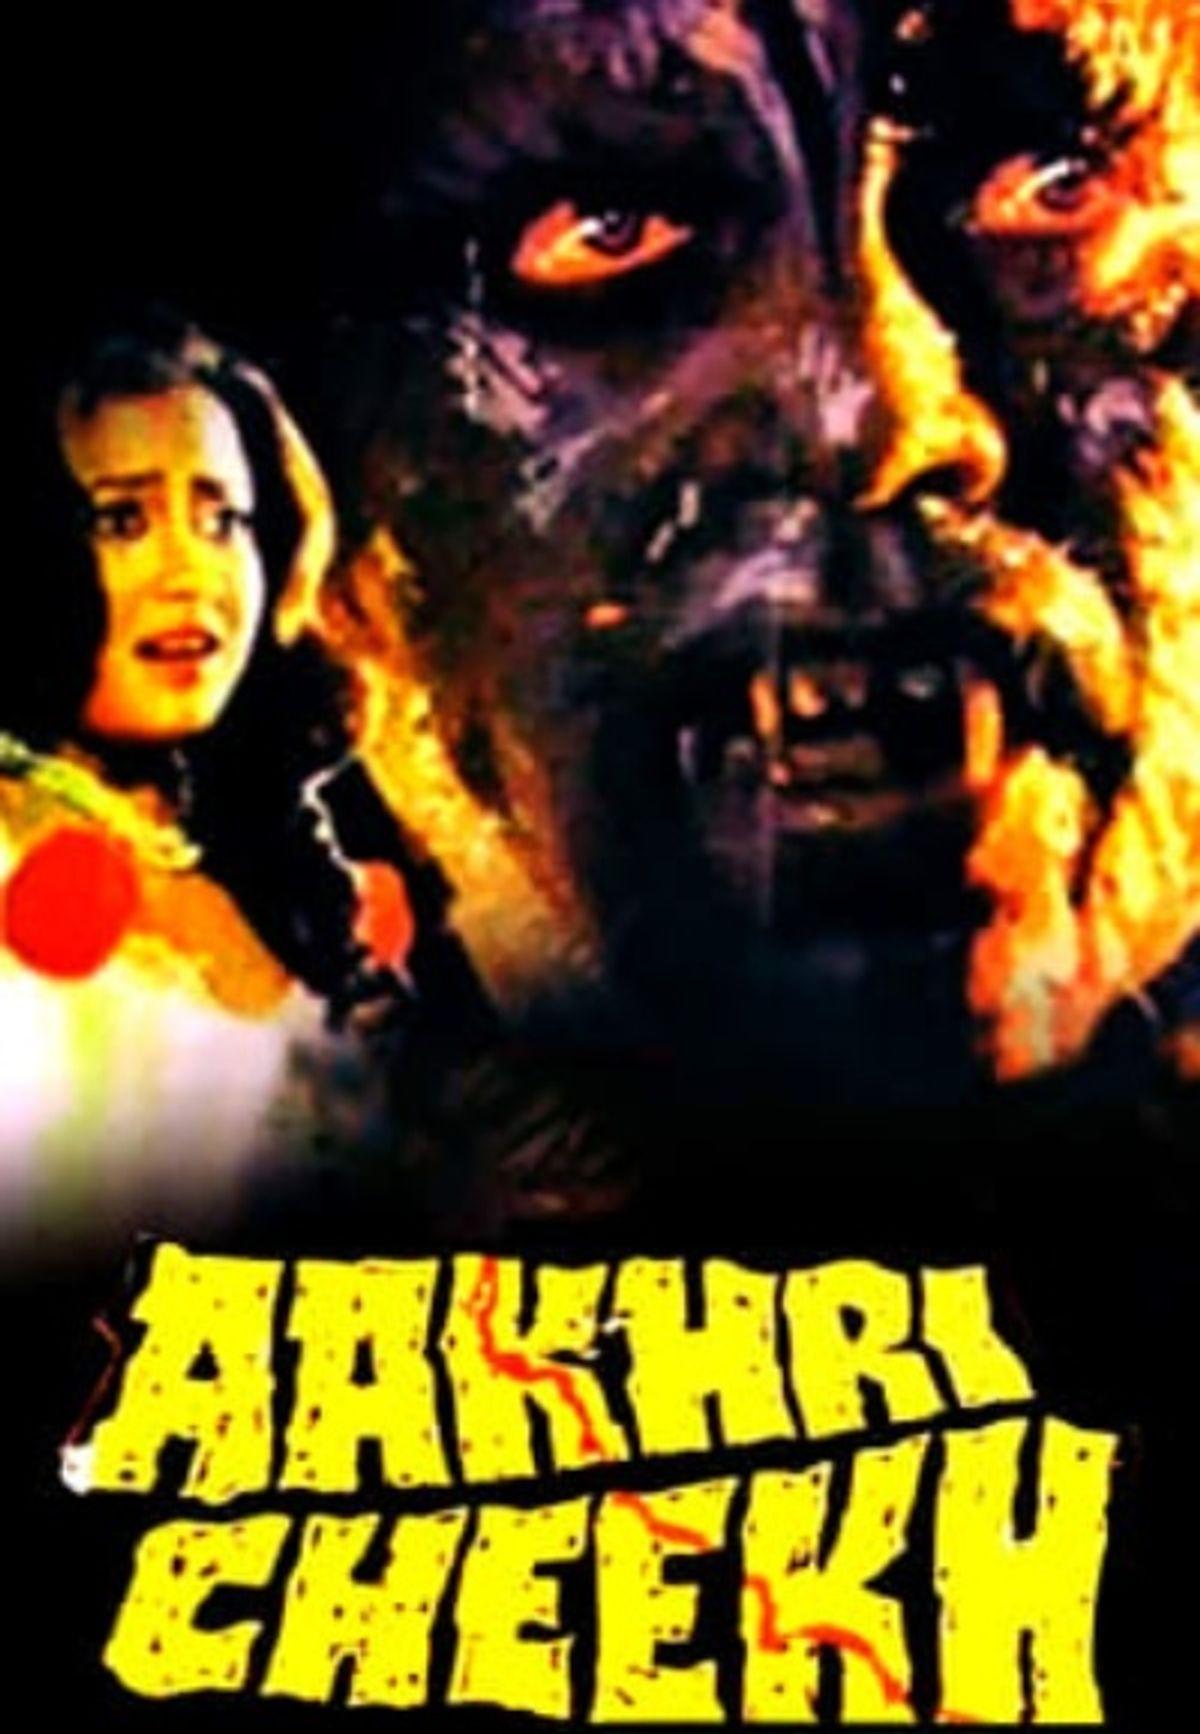 Aakhri Cheekh